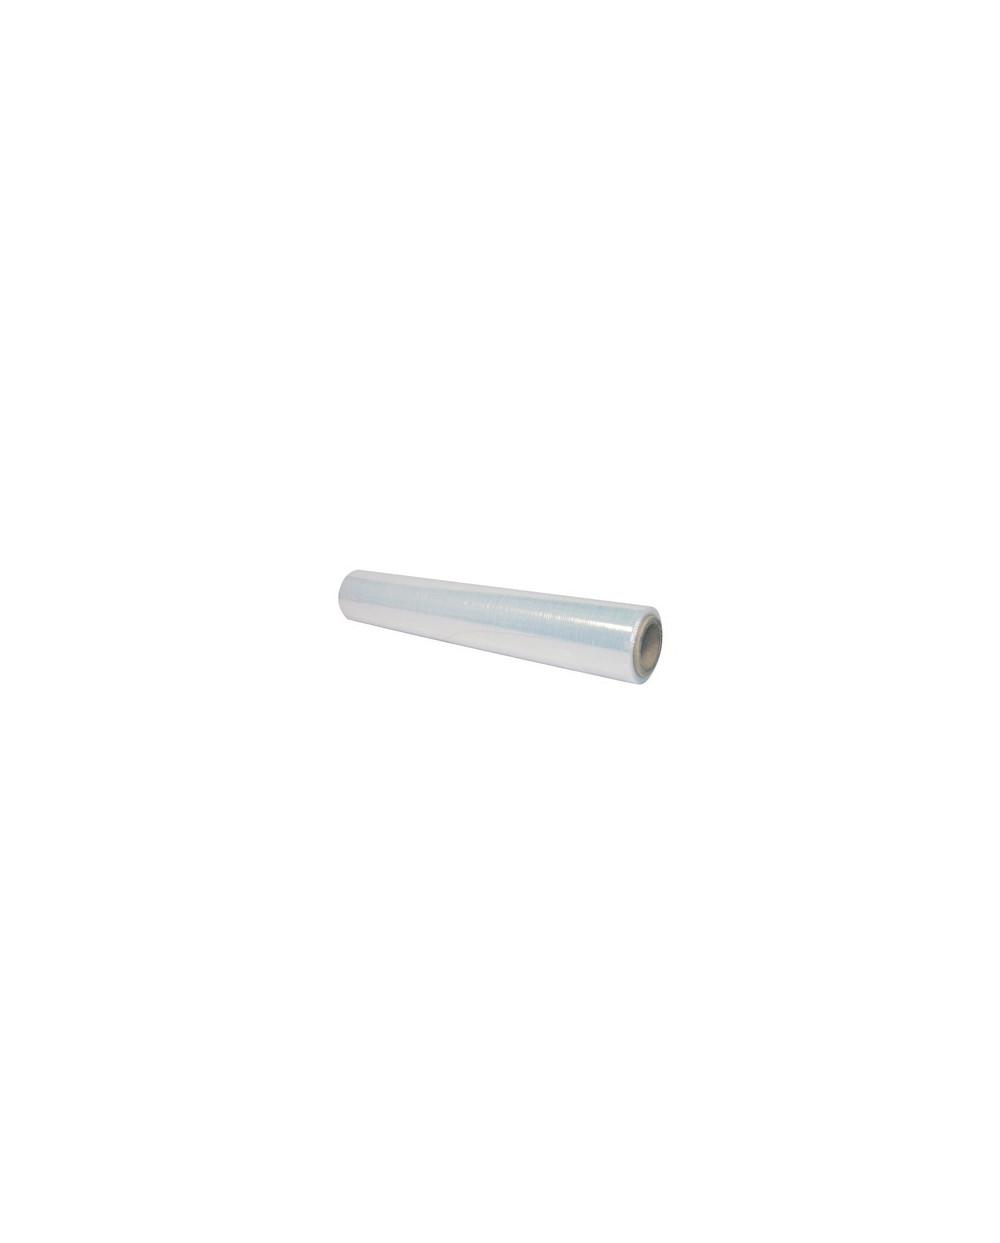 Стреч фолио, SPREE, 1.4 кг, 23 микрона, 500 мм